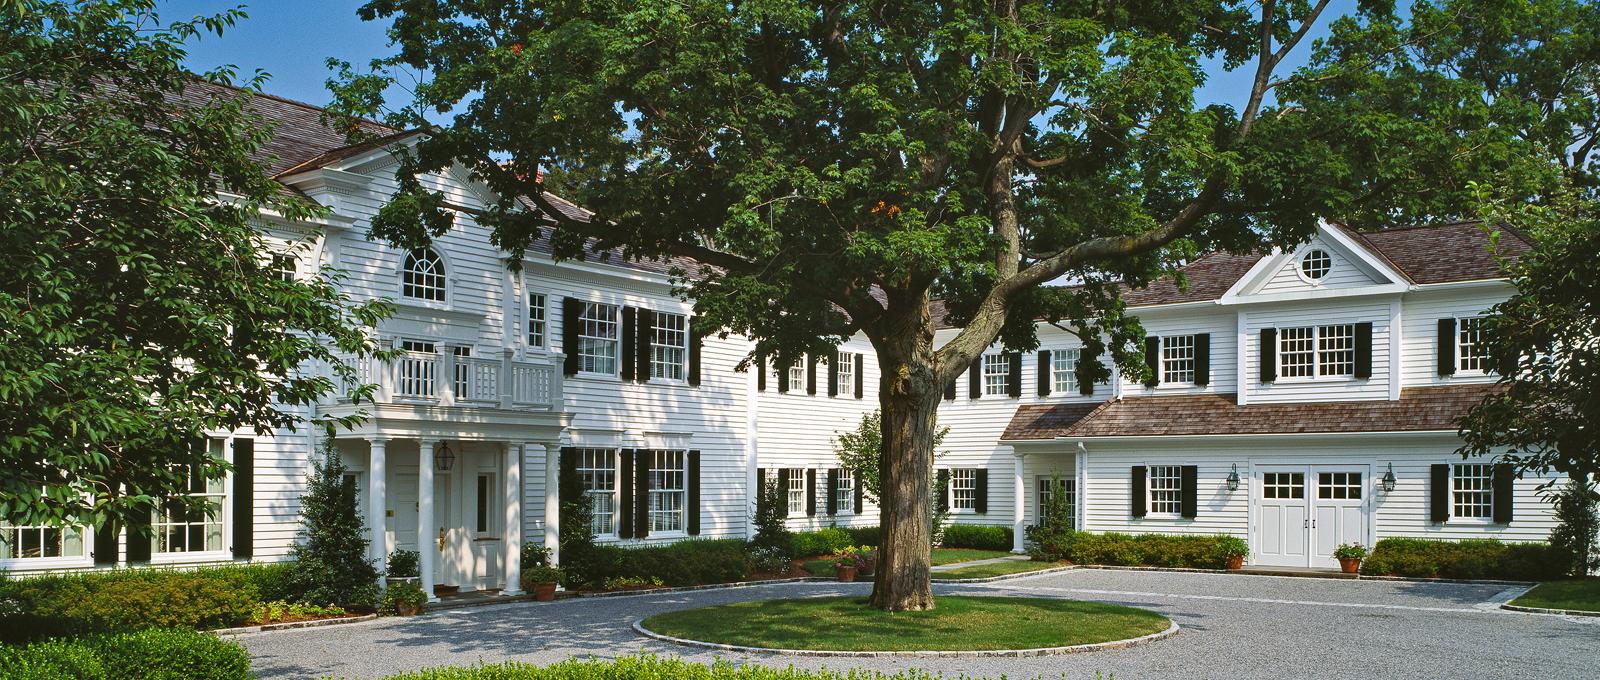 단독 가정 주택 용 매매 에 Exquisite Mansion 6 Stoneleigh Manor Lane Purchase, 뉴욕 10577 미국